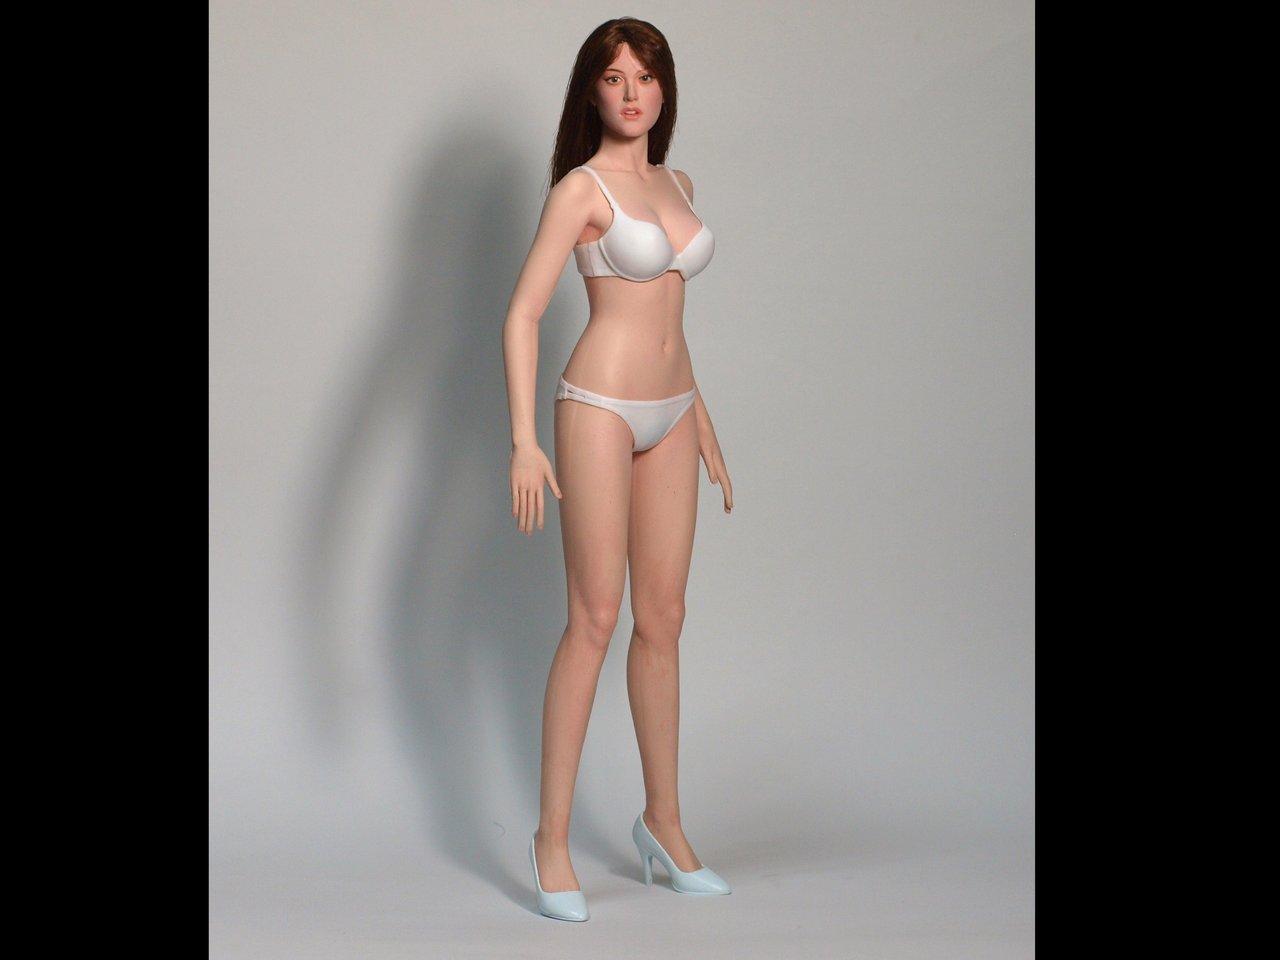 [Lançamento] Edaction -  1/6 scale Seamless Female Body 172758tn8zaauuyj9zbig9